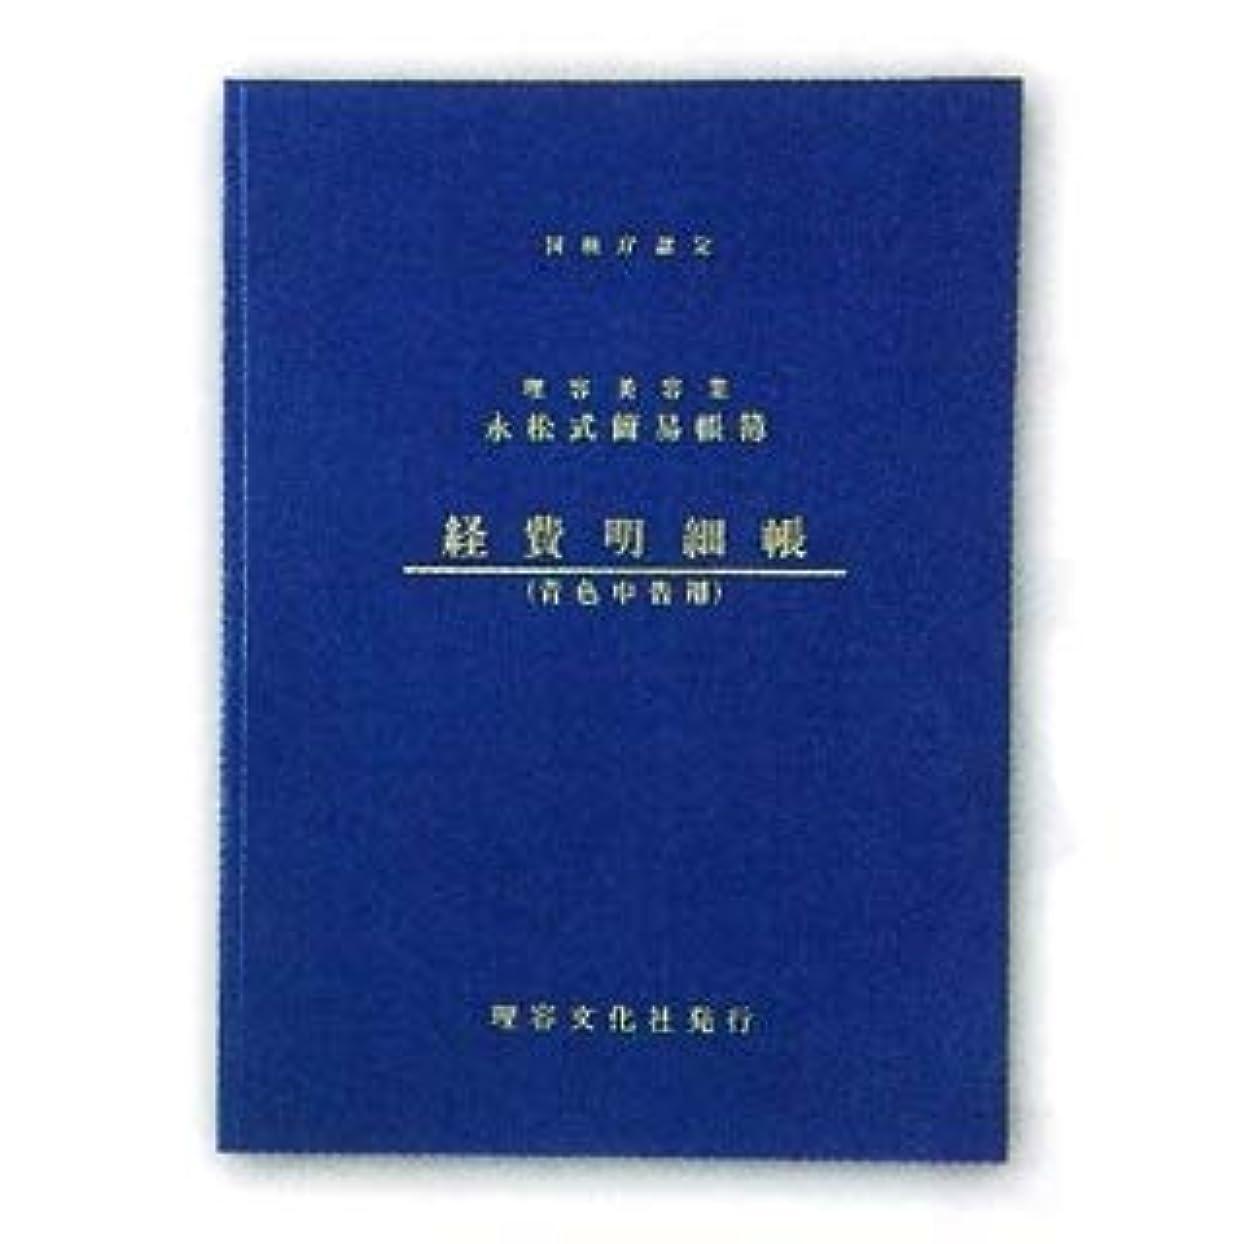 泣く見分けるアボート永松式簡易帳簿 経費明細帳(青色申告用)